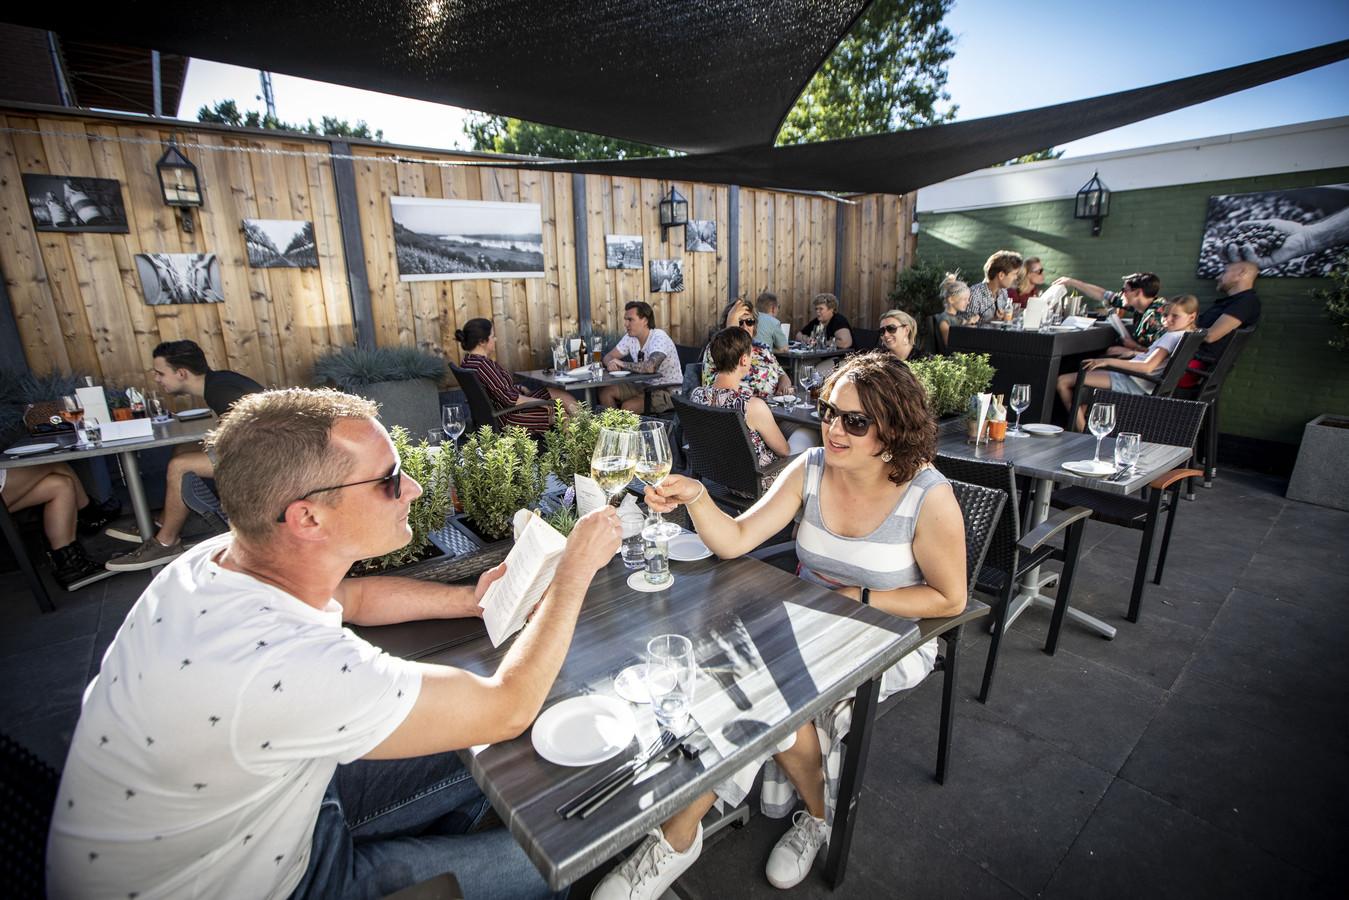 Volle bak in de binnentuin van Wine & Bite in Oldenzaal